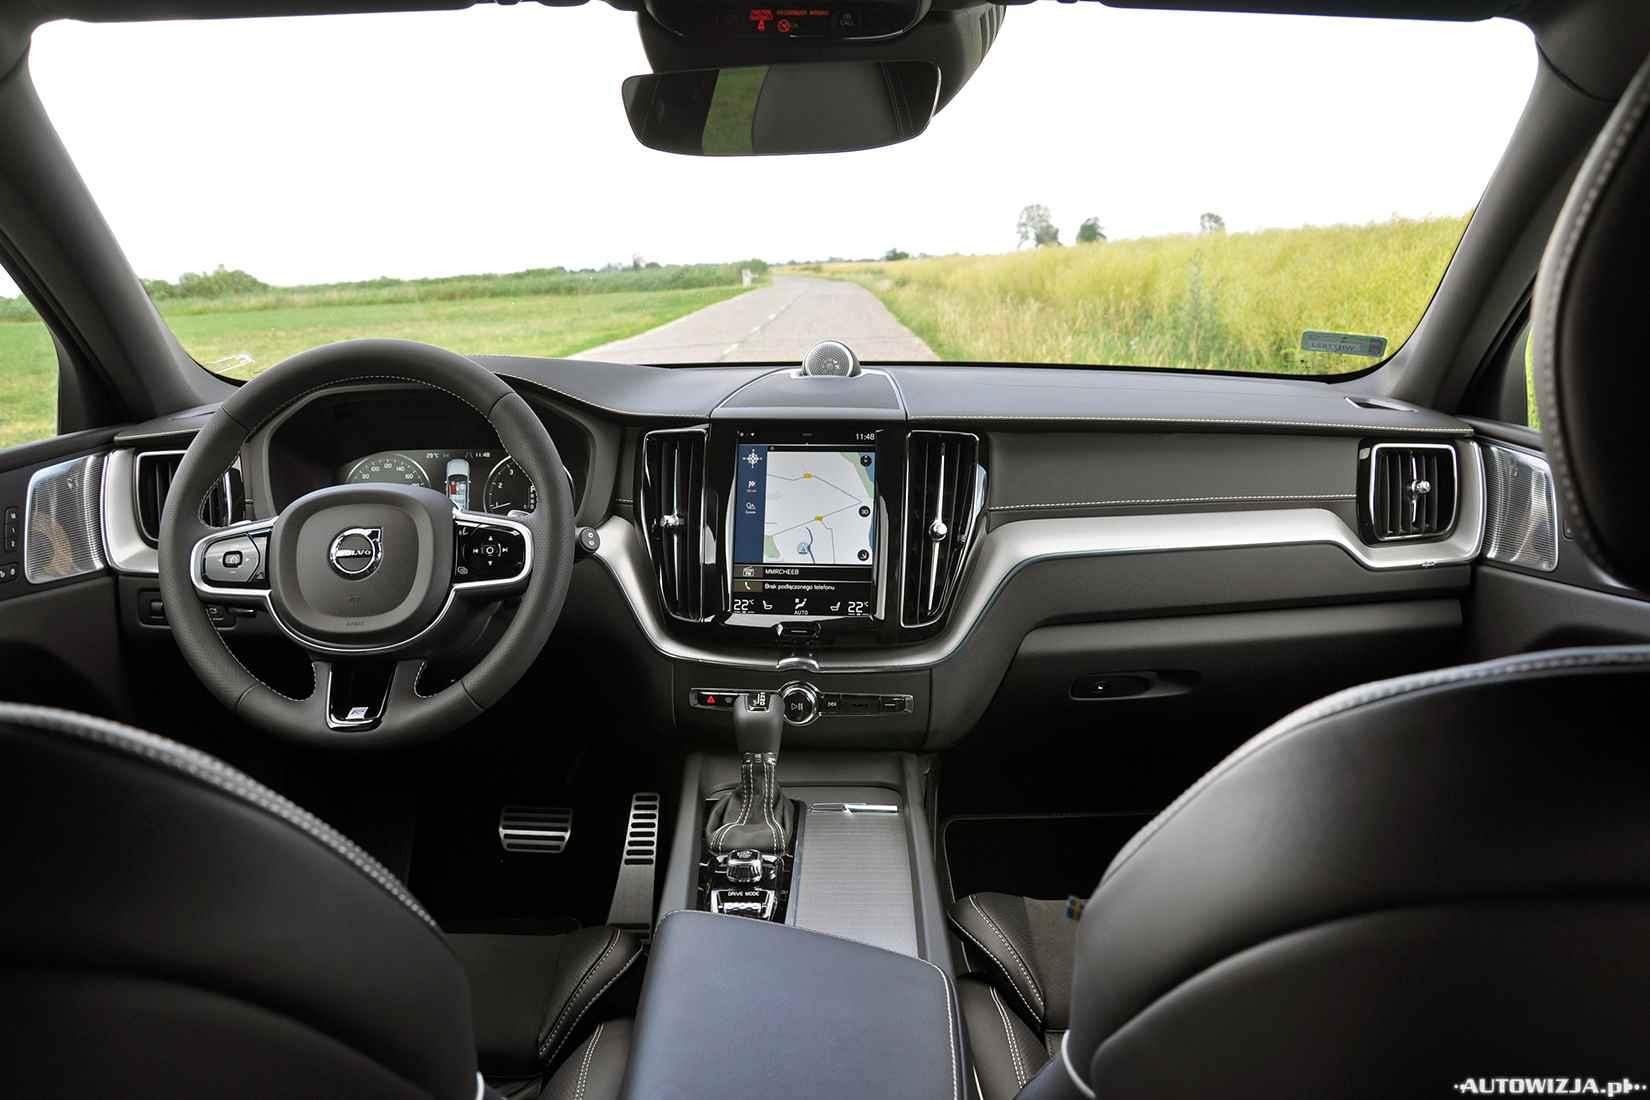 Nowe Volvo Xc60 Test Pierwsza Jazda Autowizja Pl Motoryzacja